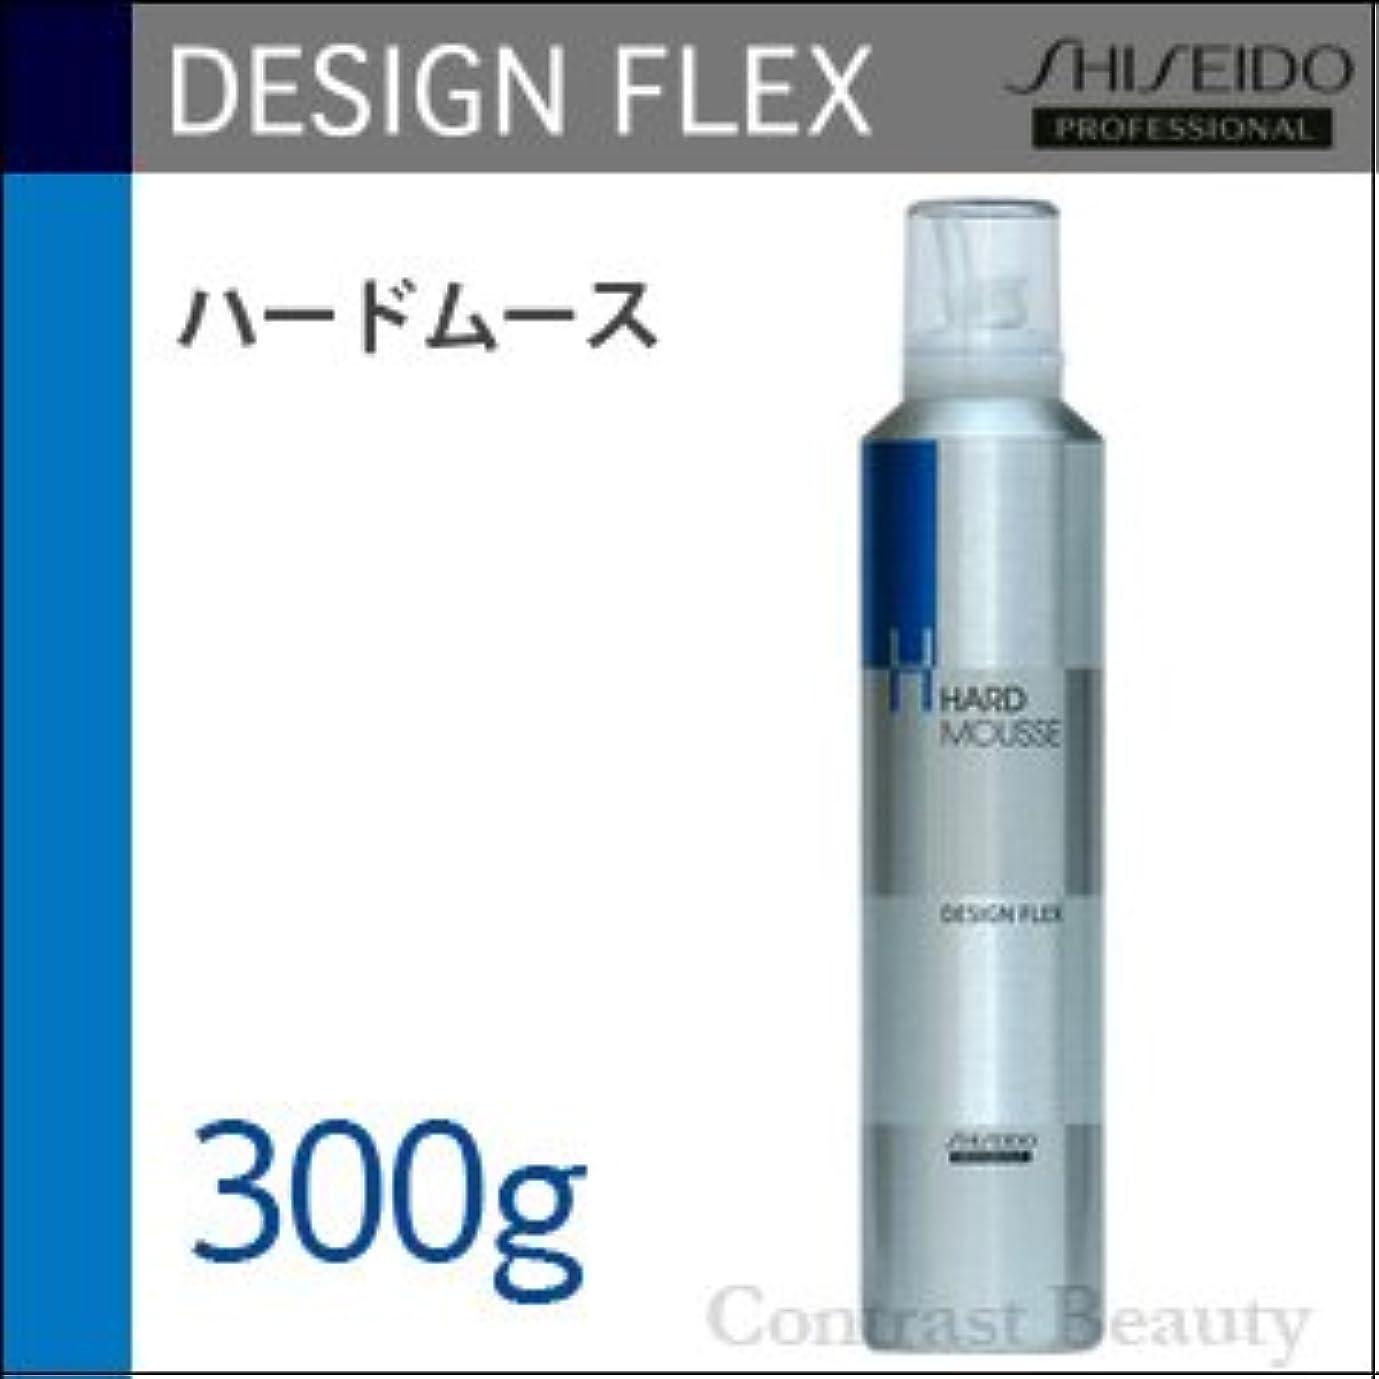 ハミングバードおとこ細分化する【x3個セット】 資生堂 デザインフレックス ハードムース 300g